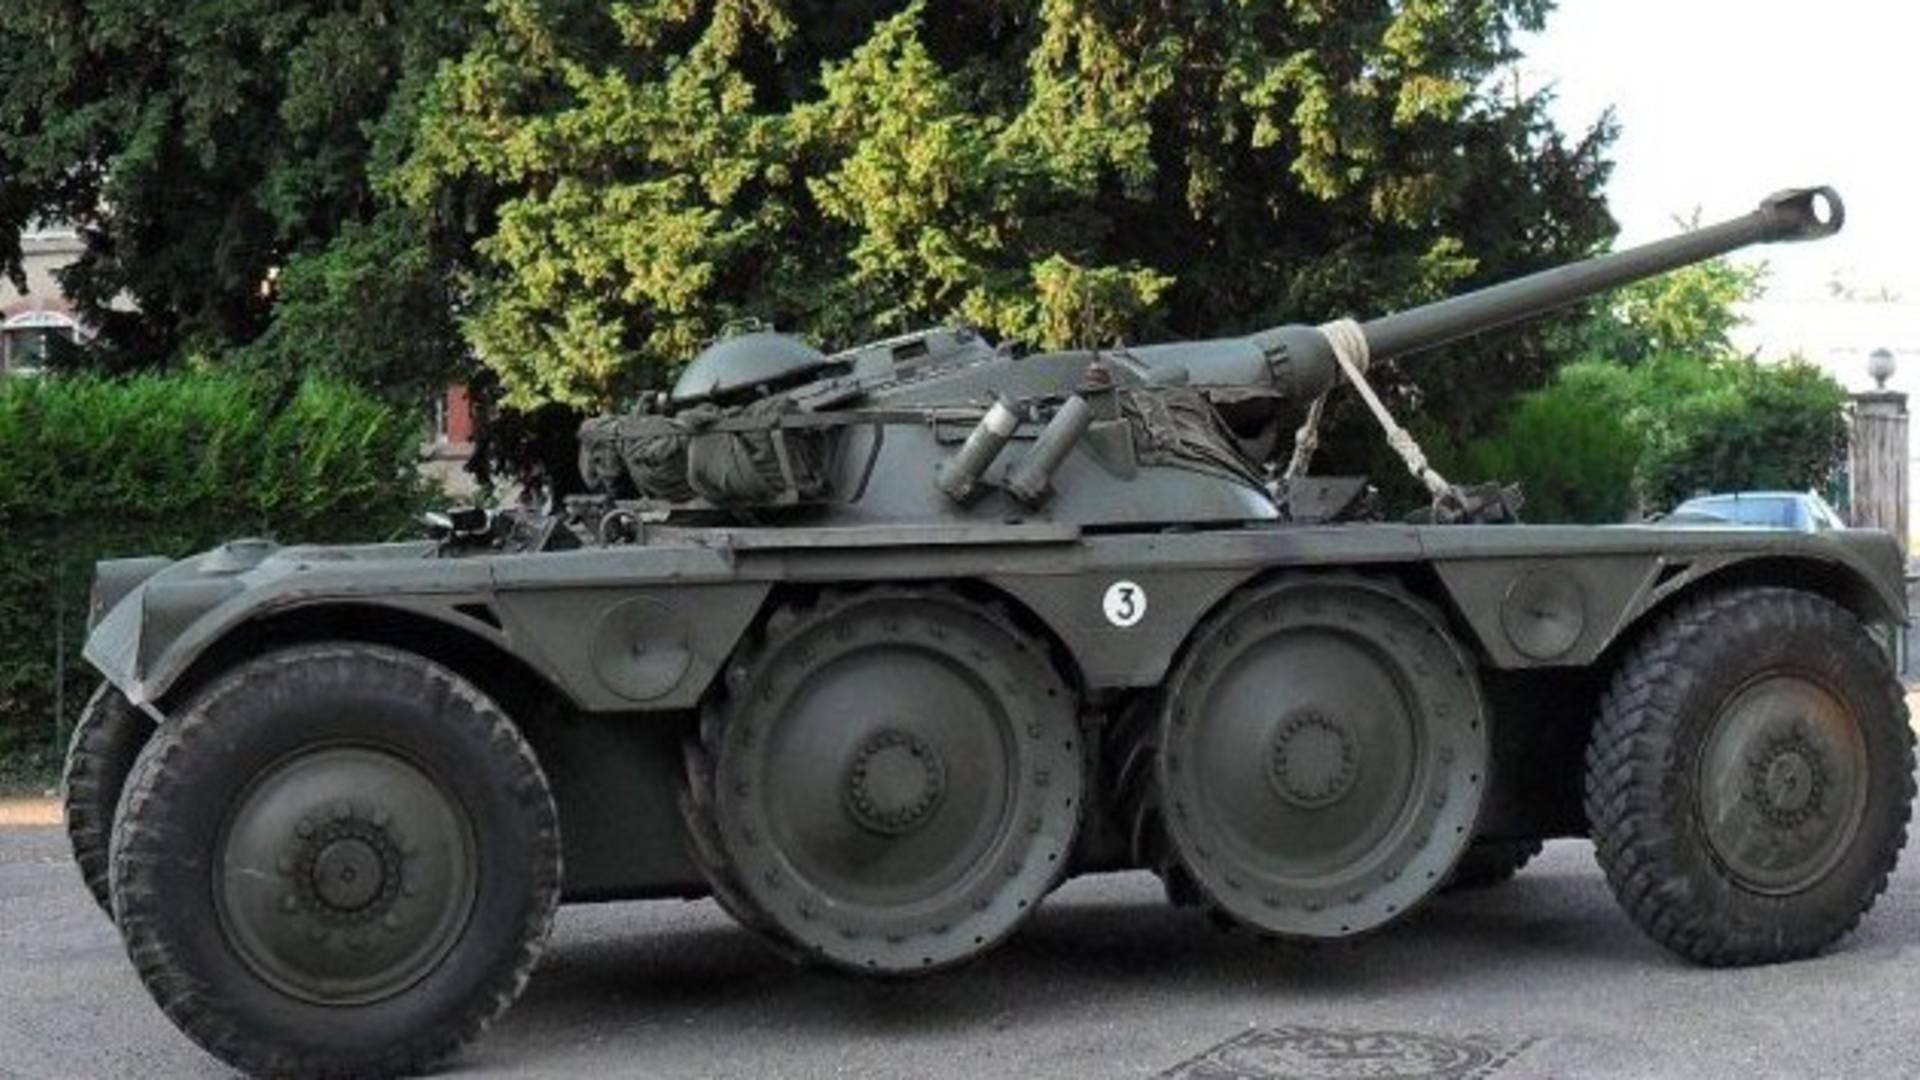 Musée d'art militaire Vincey - Musée militaire